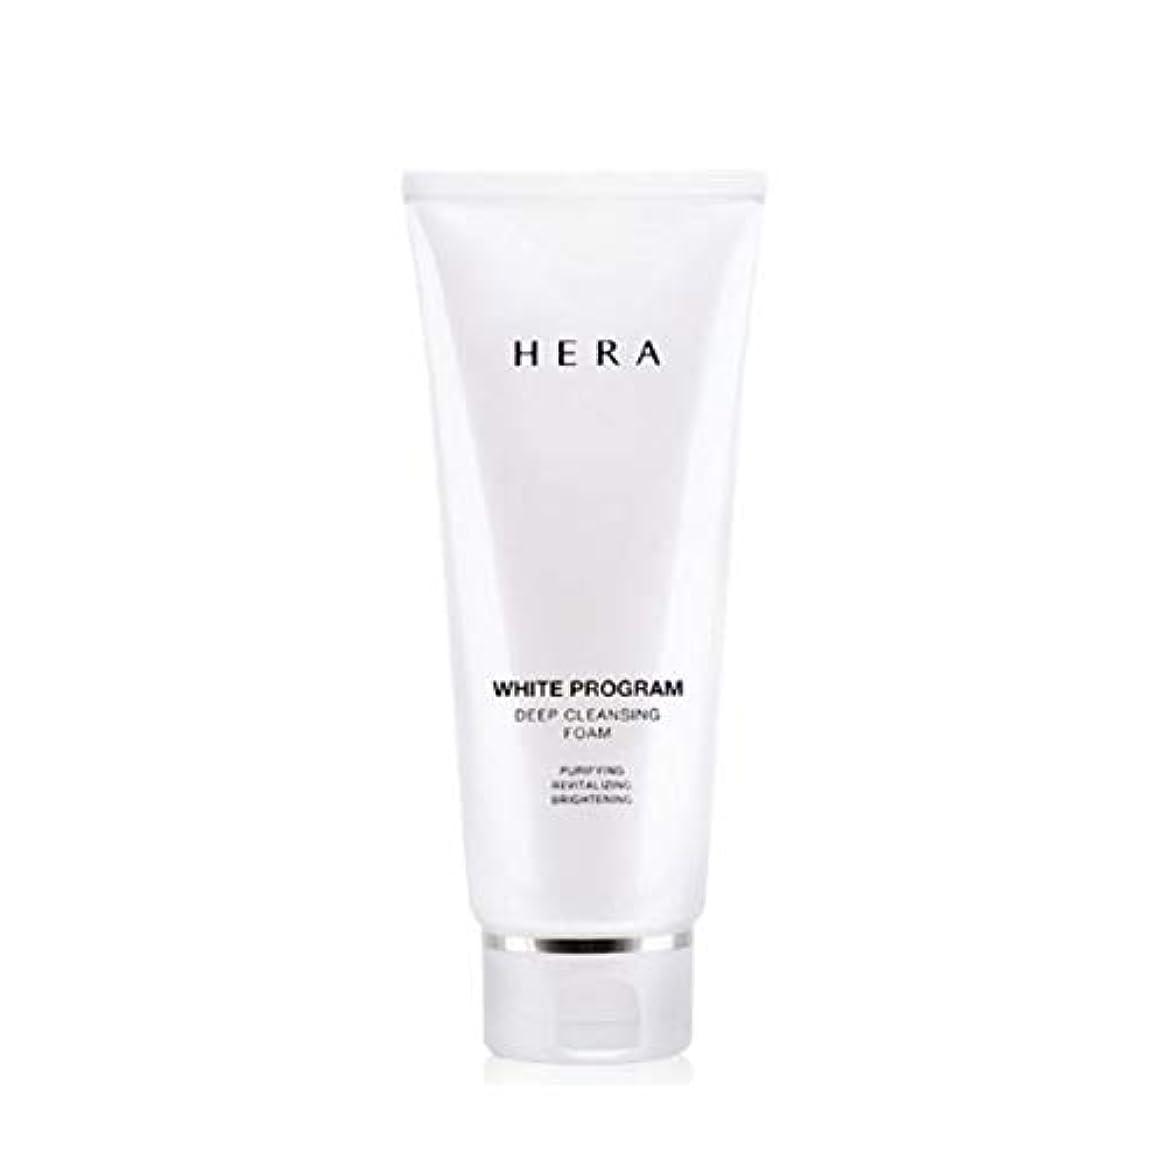 極小エイズ助言ヘラホワイトプログラムディープクレンジングフォーム200ml韓国コスメ、Hera White Program Deep Cleansing Foam 200ml Korean Cosmetics [並行輸入品]